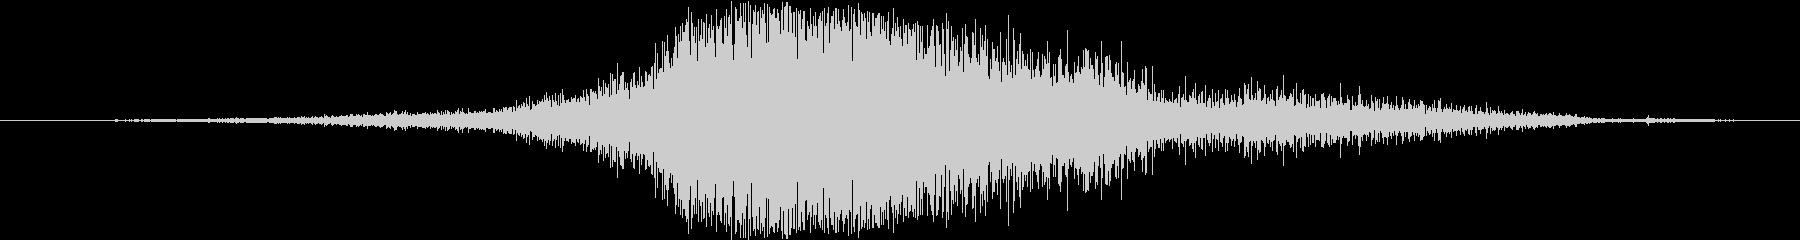 シボレーカマロ:Ext:ショートア...の未再生の波形